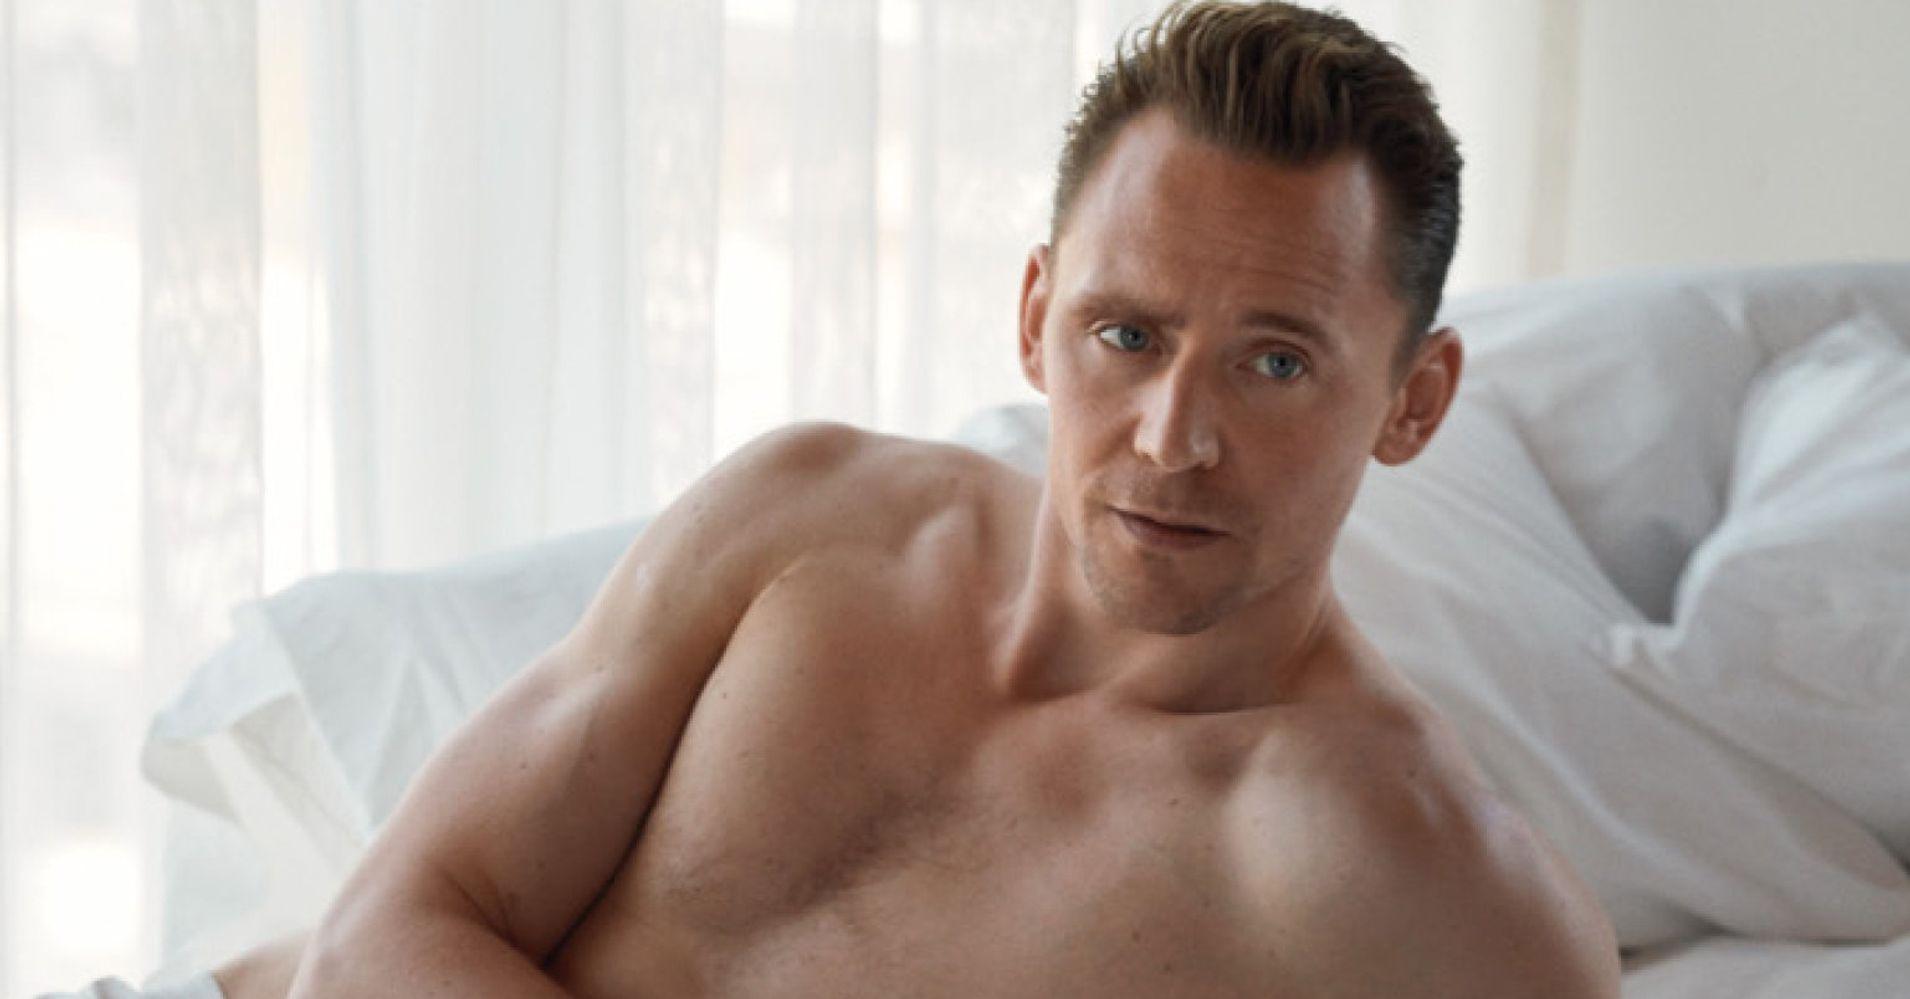 Tom Hiddleston strips off to his underwear in W Magazine